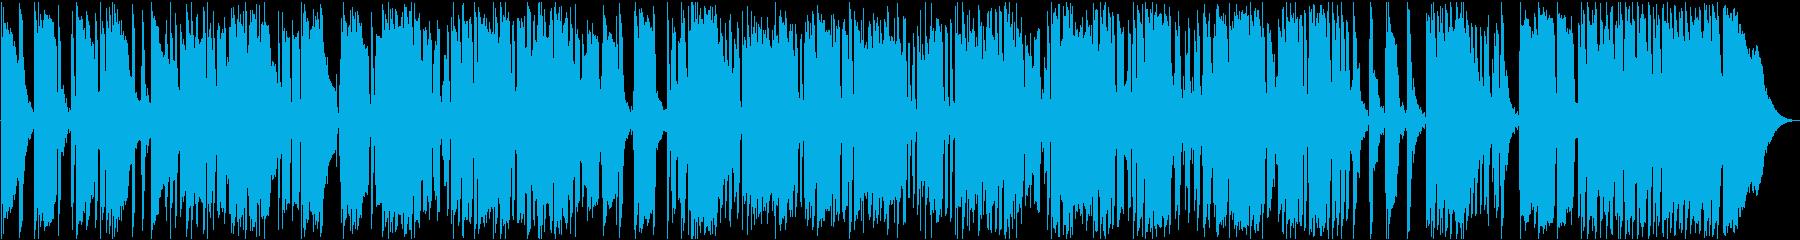 サラサラ ジャズ R&B ゆっくり...の再生済みの波形